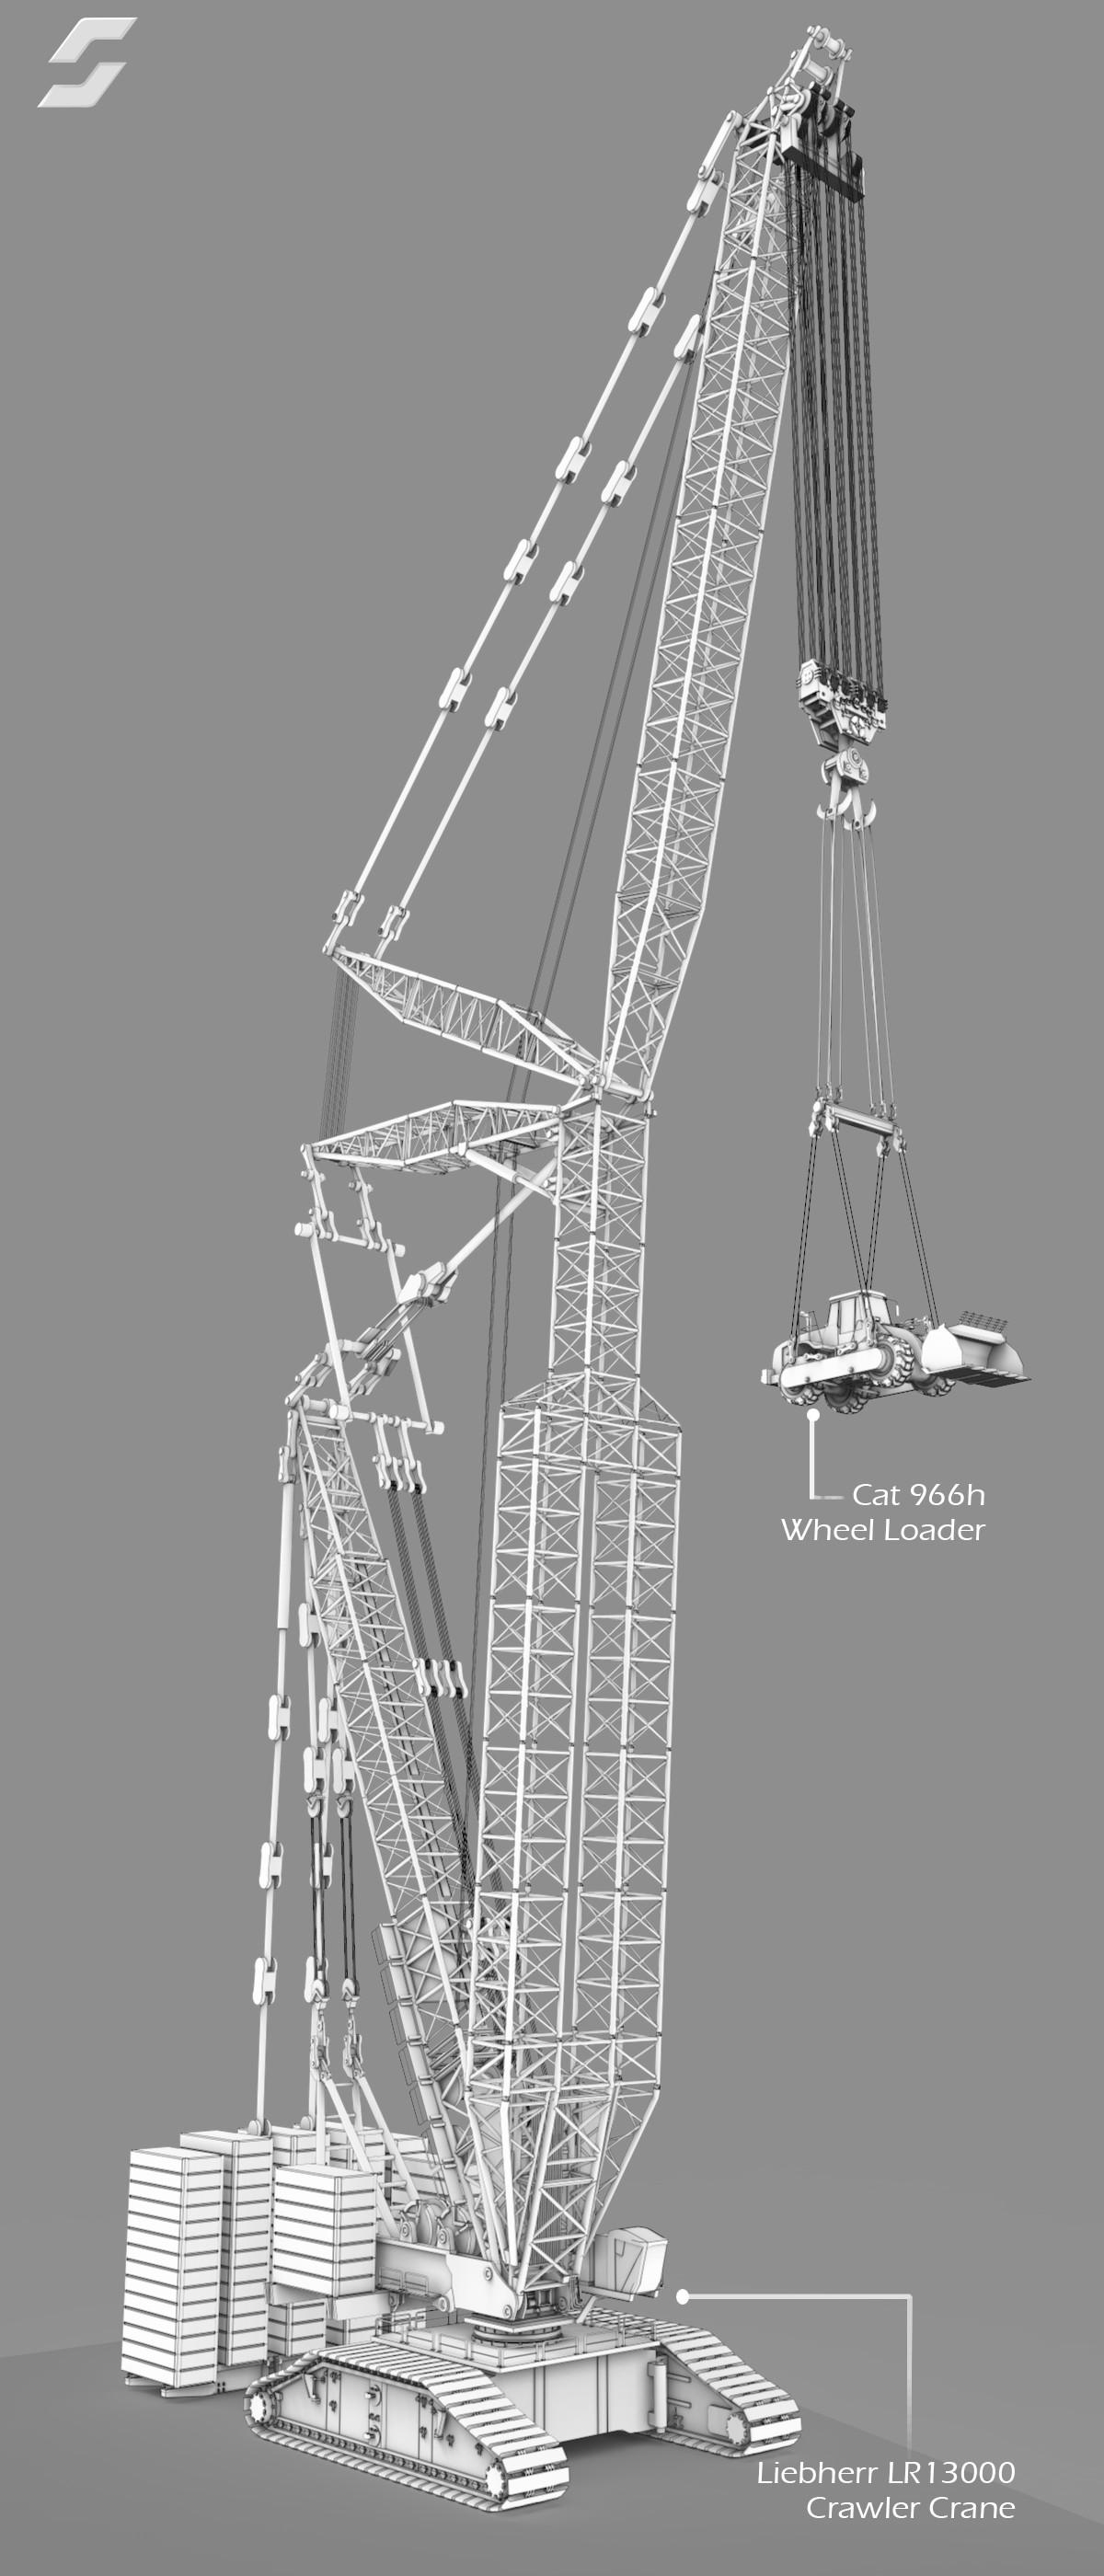 ArtStation - Liebherr LR 13000 Crawler Crane, Alber Silva